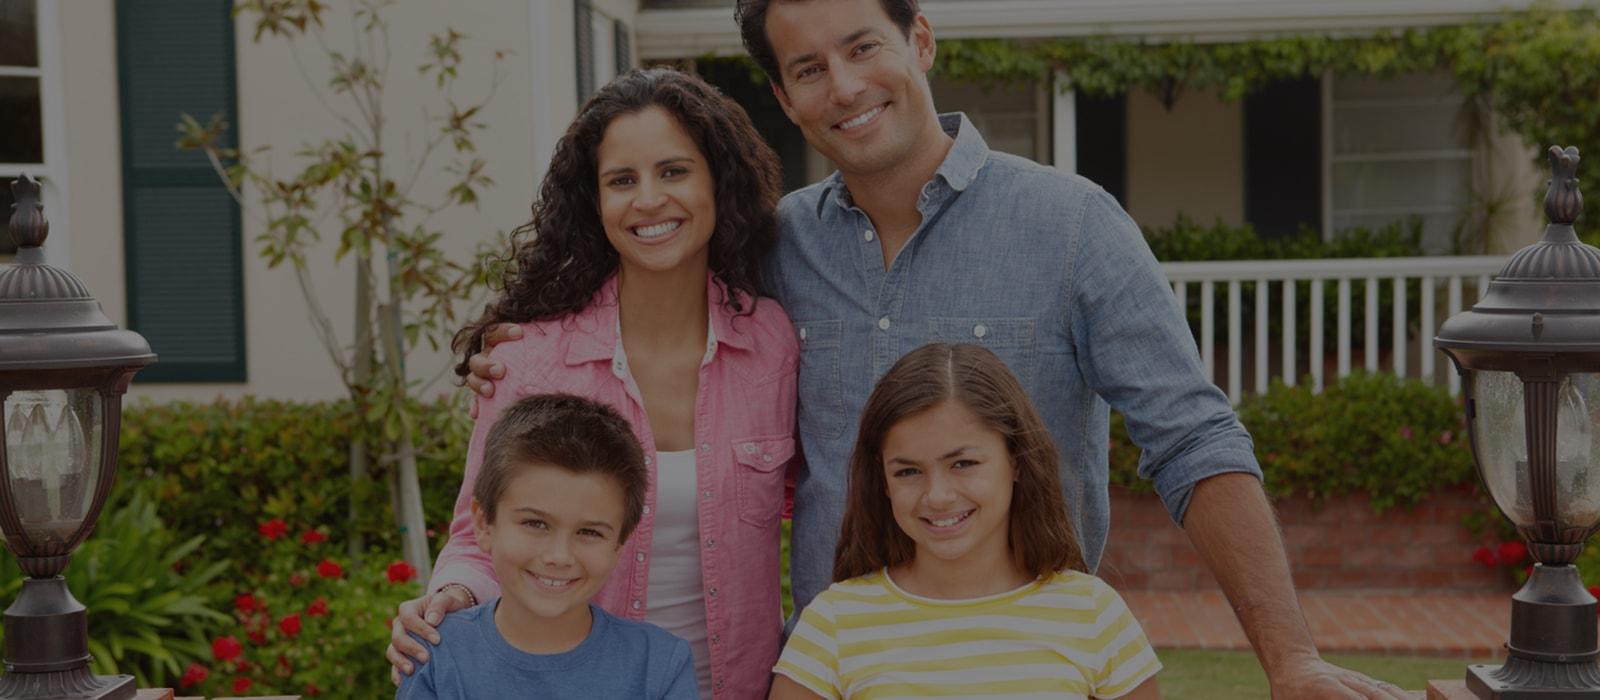 Public Insurance Adjuster Slide 3 Background Image